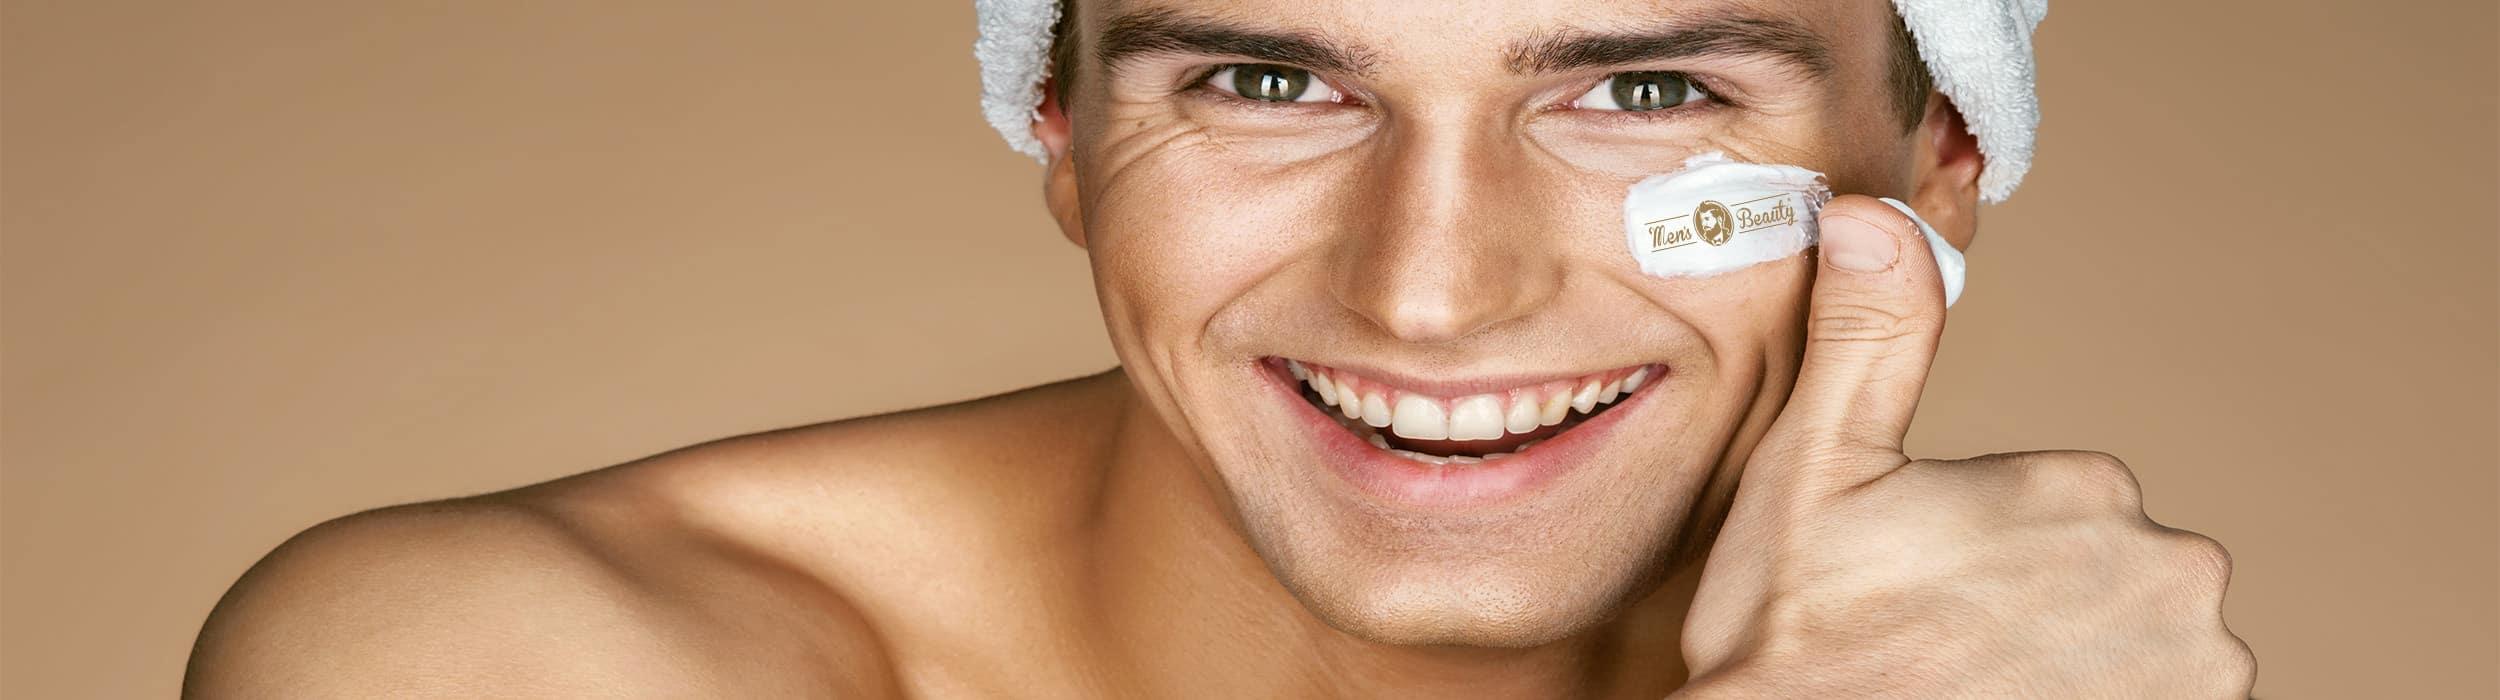 consejos belleza hombre tips salud